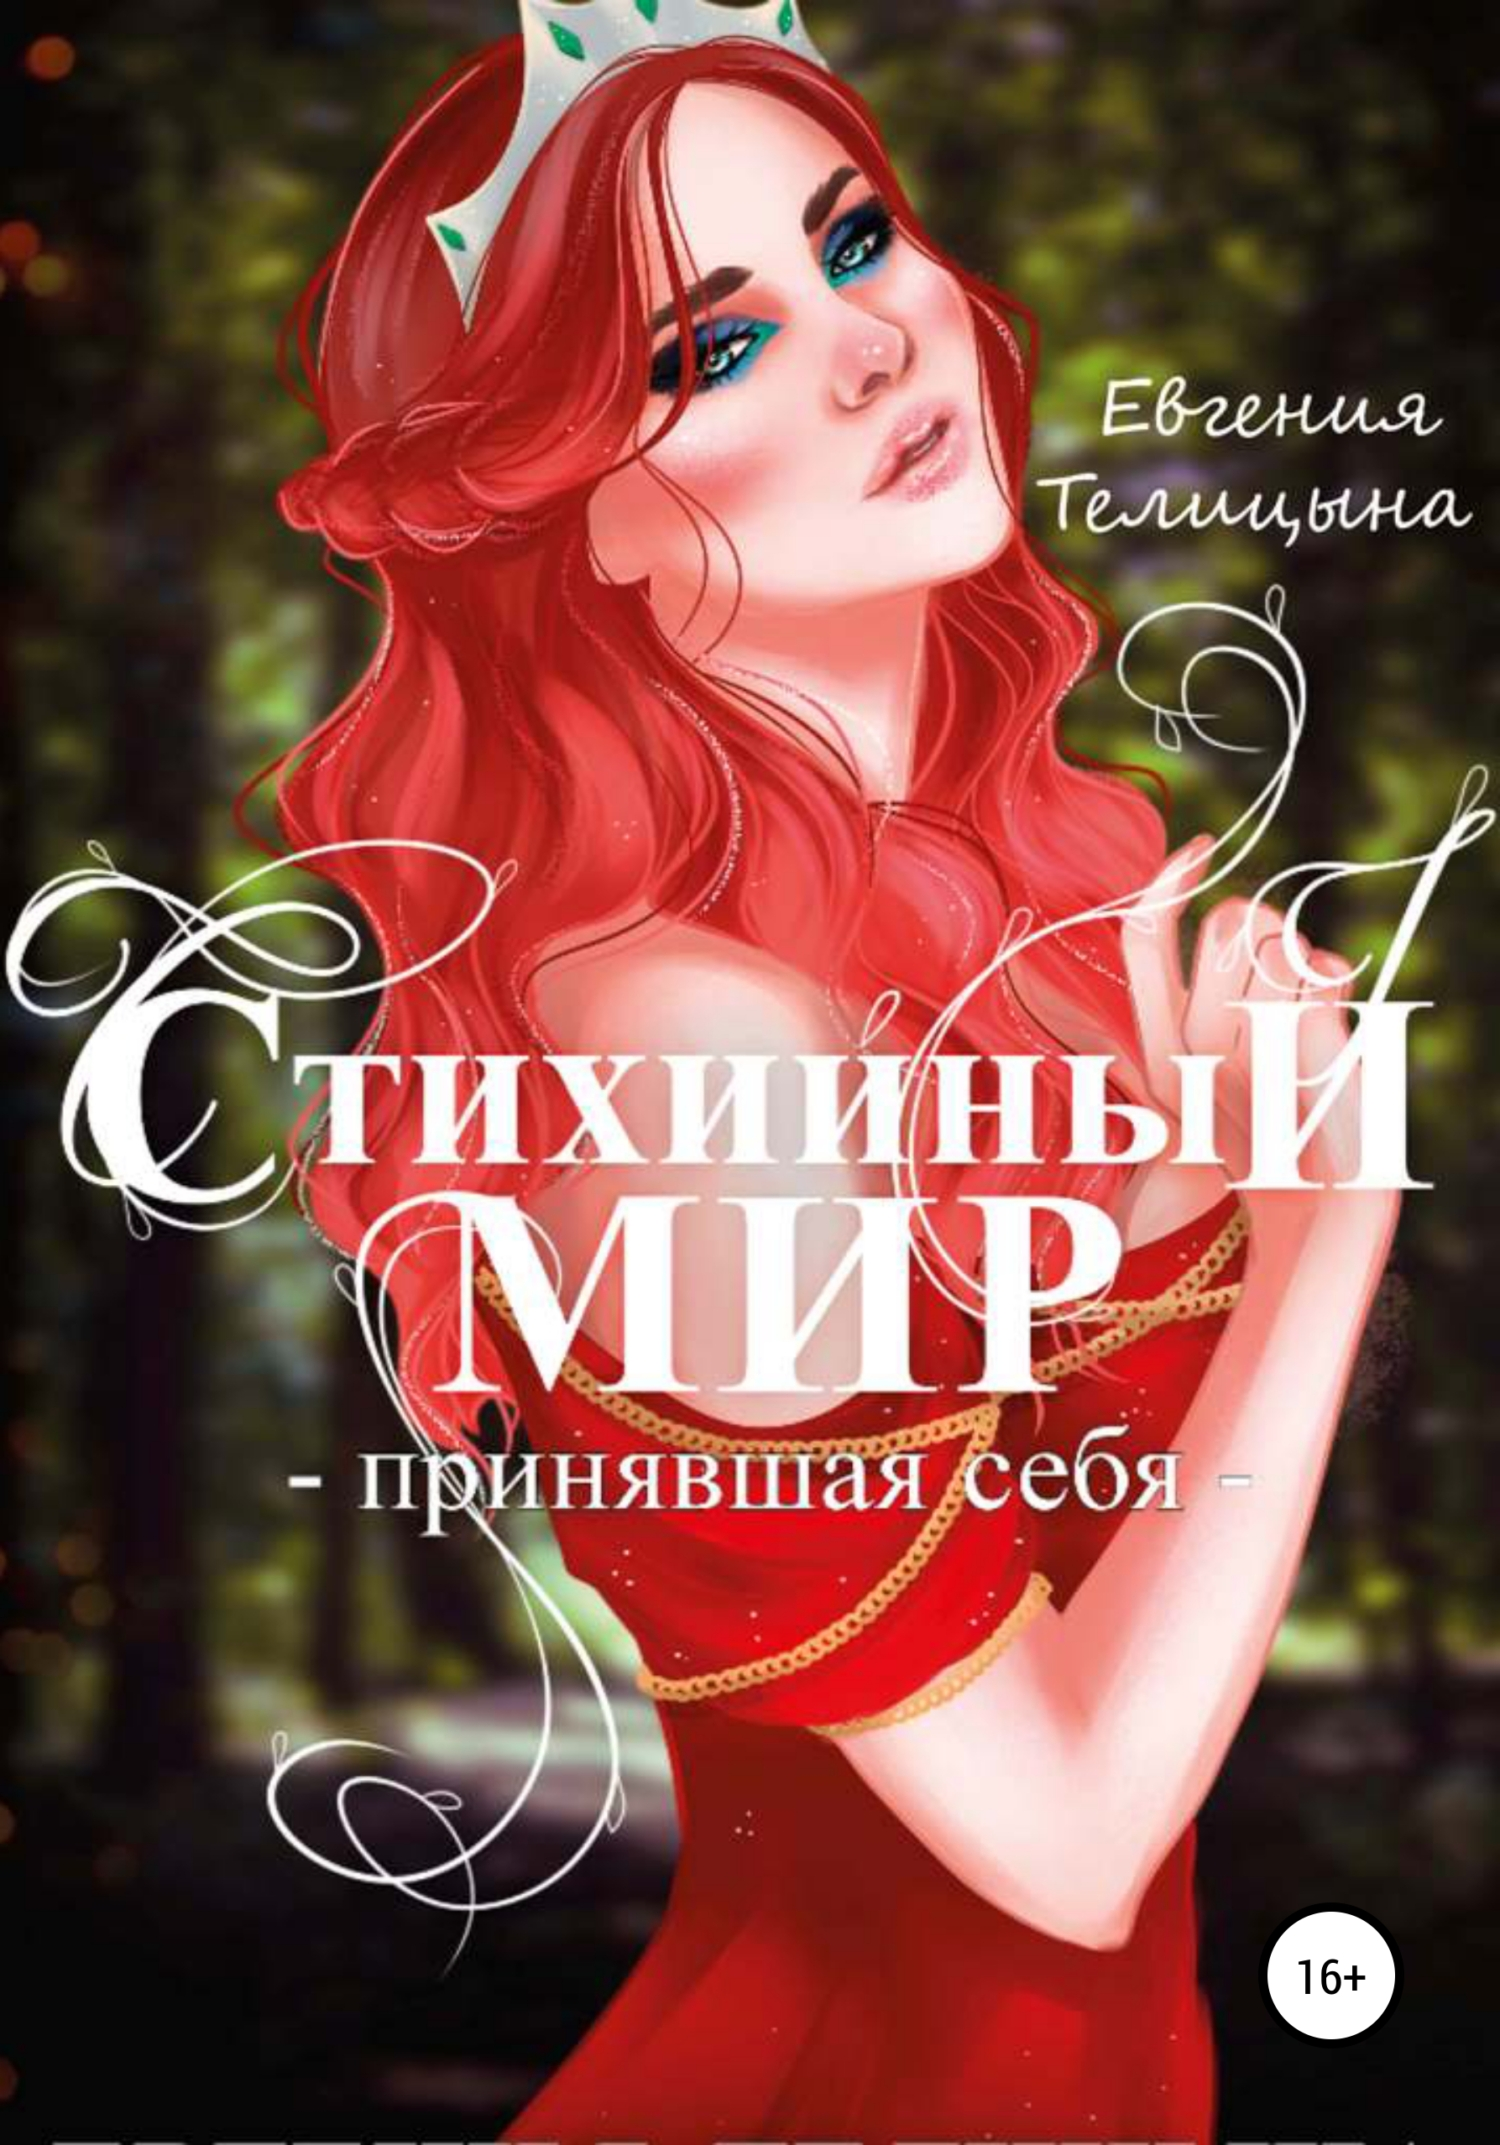 Евгения Телицына Стихийный мир: ангел или маг цены онлайн